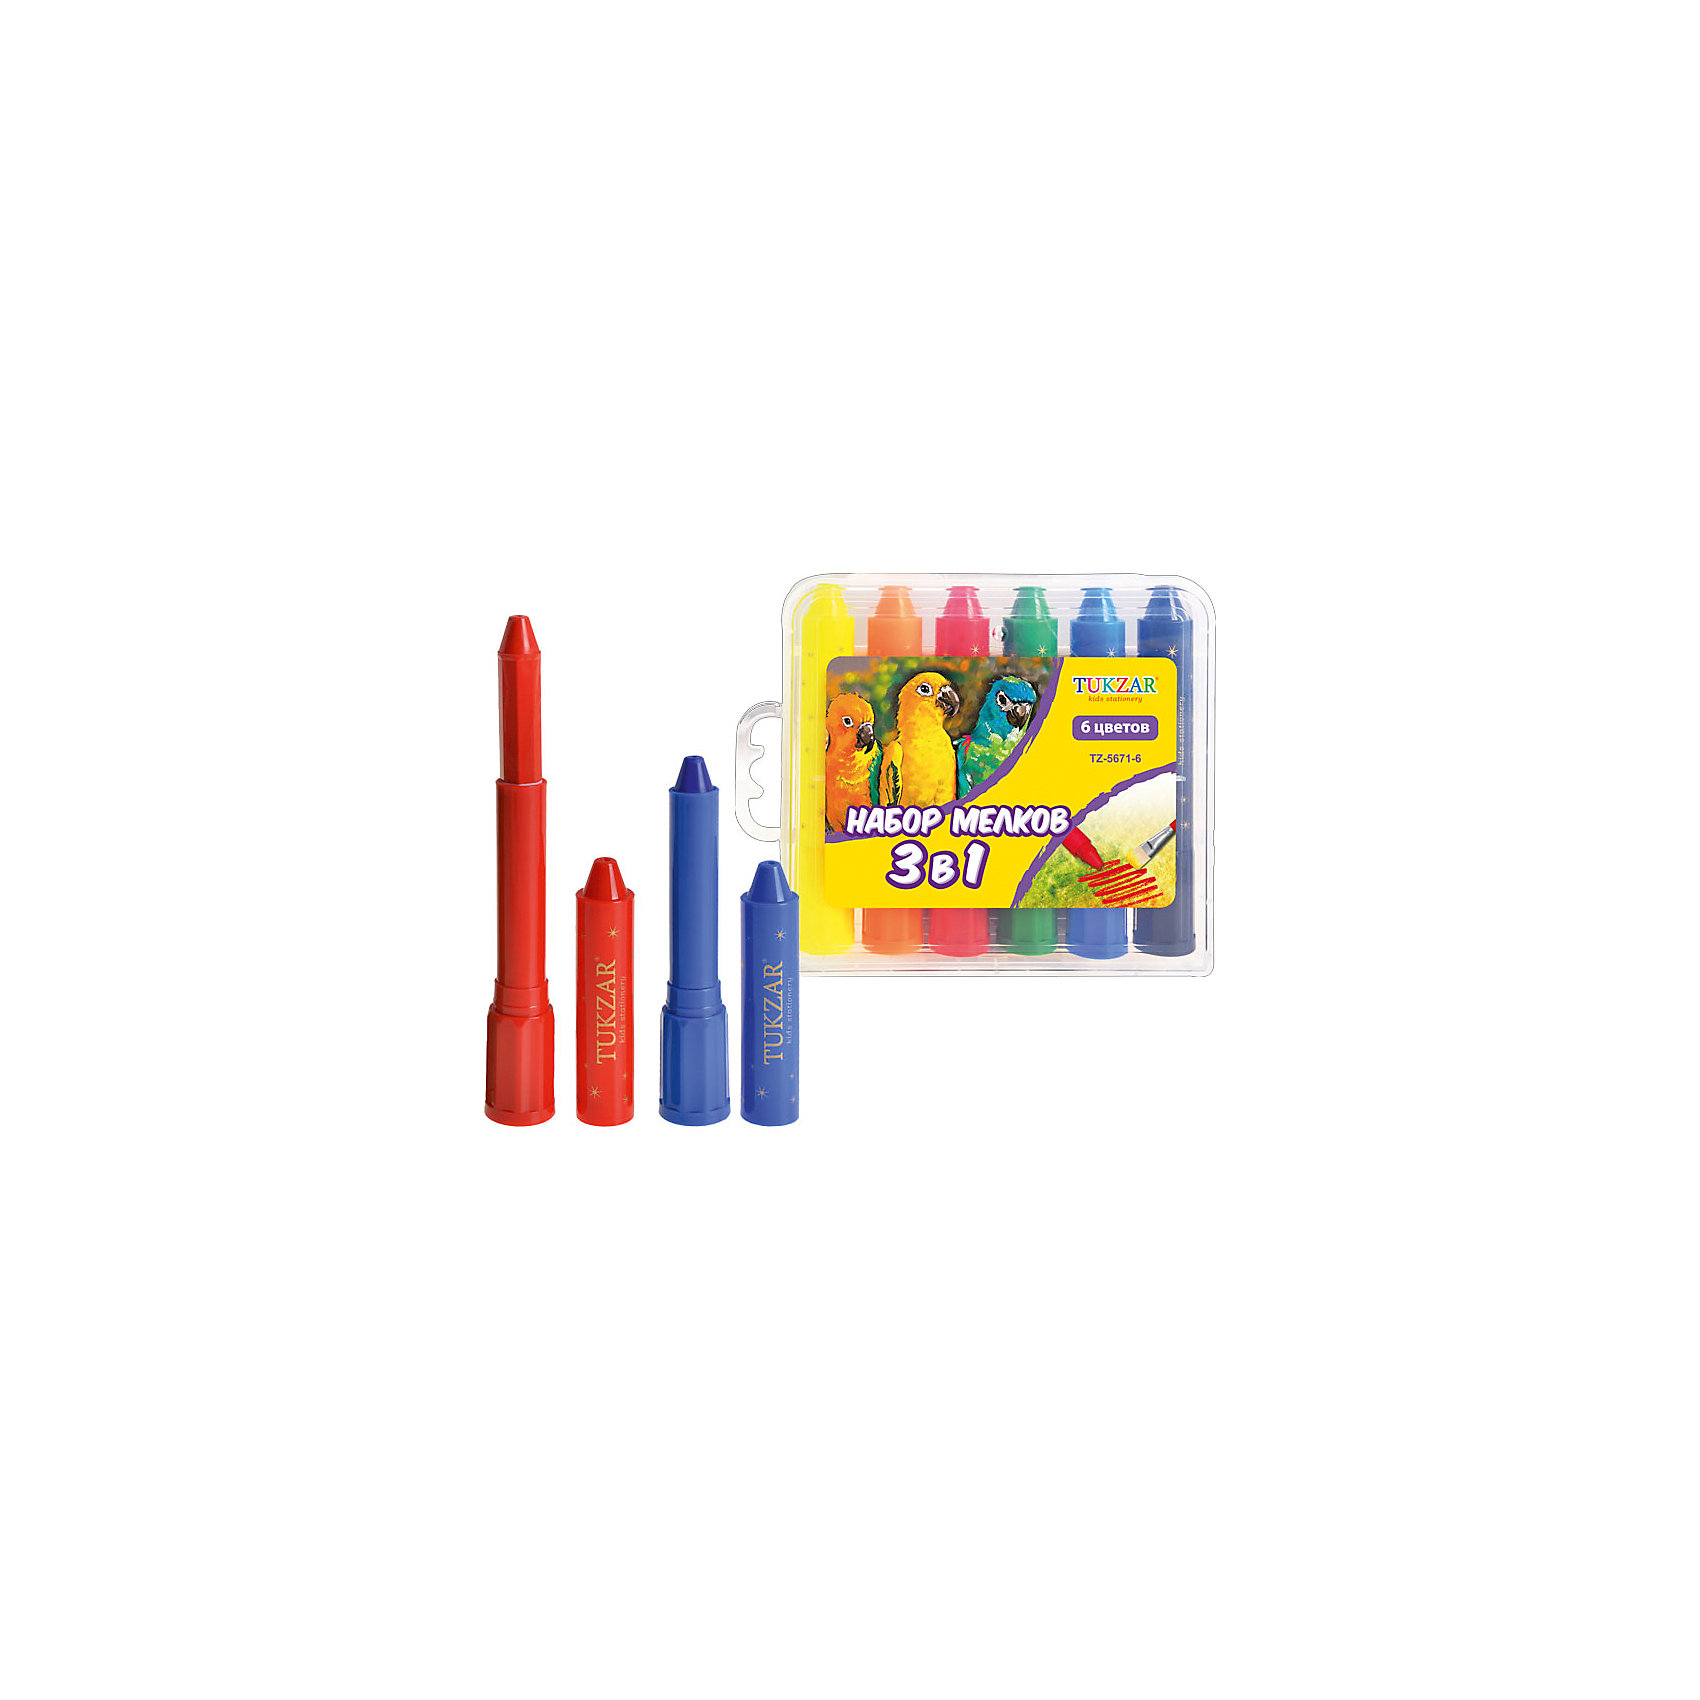 Набор мелков 3 в 1: пастель, акварель, пальчиковые краски, 6 цветовПастель Уголь<br>Набор мелков 3 в 1: пастель, акварель, пальчиковые краски, 6 цветов – этот набор подарит ребенку возможность рисовать тремя способами.<br>Набор мелков 3 в 1 сочетает в себе свойства обычных восковых мелков, пастели, акварели и пальчиковых красок. Цвета можно смешивать, как при работе с пастелью. А если к процессу рисования такими мелками подключить и влажную кисть, то мелки приобретают свойства акварели. Выкручивающийся механизм обеспечит постепенное выдвижение воскового грифеля из пластикового корпуса, благодаря чему ребенок не испачкается при рисовании.<br><br>Дополнительная информация:<br><br>- Количество цветов: 6<br>- Пластиковая упаковка<br>- Размер упаковки: 240х170х20 мм.<br><br>Набор мелков 3 в 1: пастель, акварель, пальчиковые краски, 6 цветов можно купить в нашем интернет-магазине.<br><br>Ширина мм: 240<br>Глубина мм: 170<br>Высота мм: 20<br>Вес г: 350<br>Возраст от месяцев: 36<br>Возраст до месяцев: 144<br>Пол: Унисекс<br>Возраст: Детский<br>SKU: 4051909